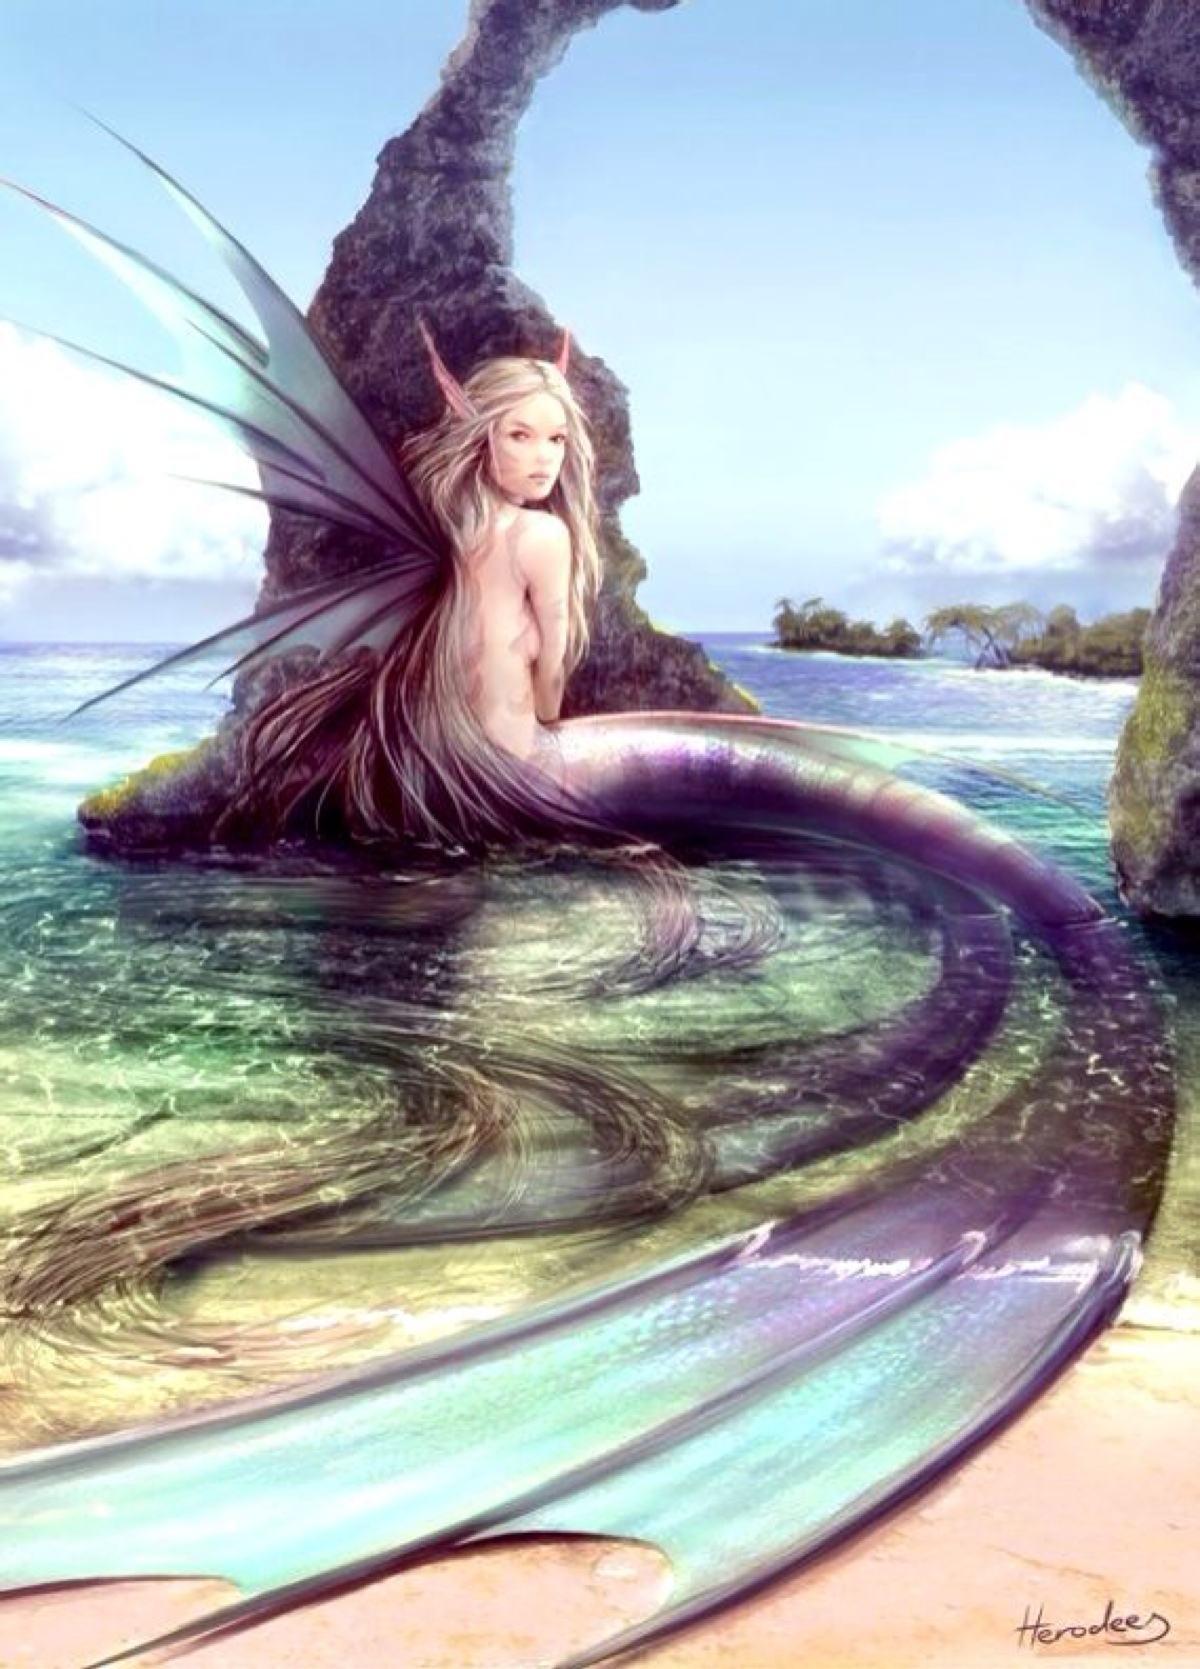 古希腊神话故事 星巴克标志上的女妖塞壬图片